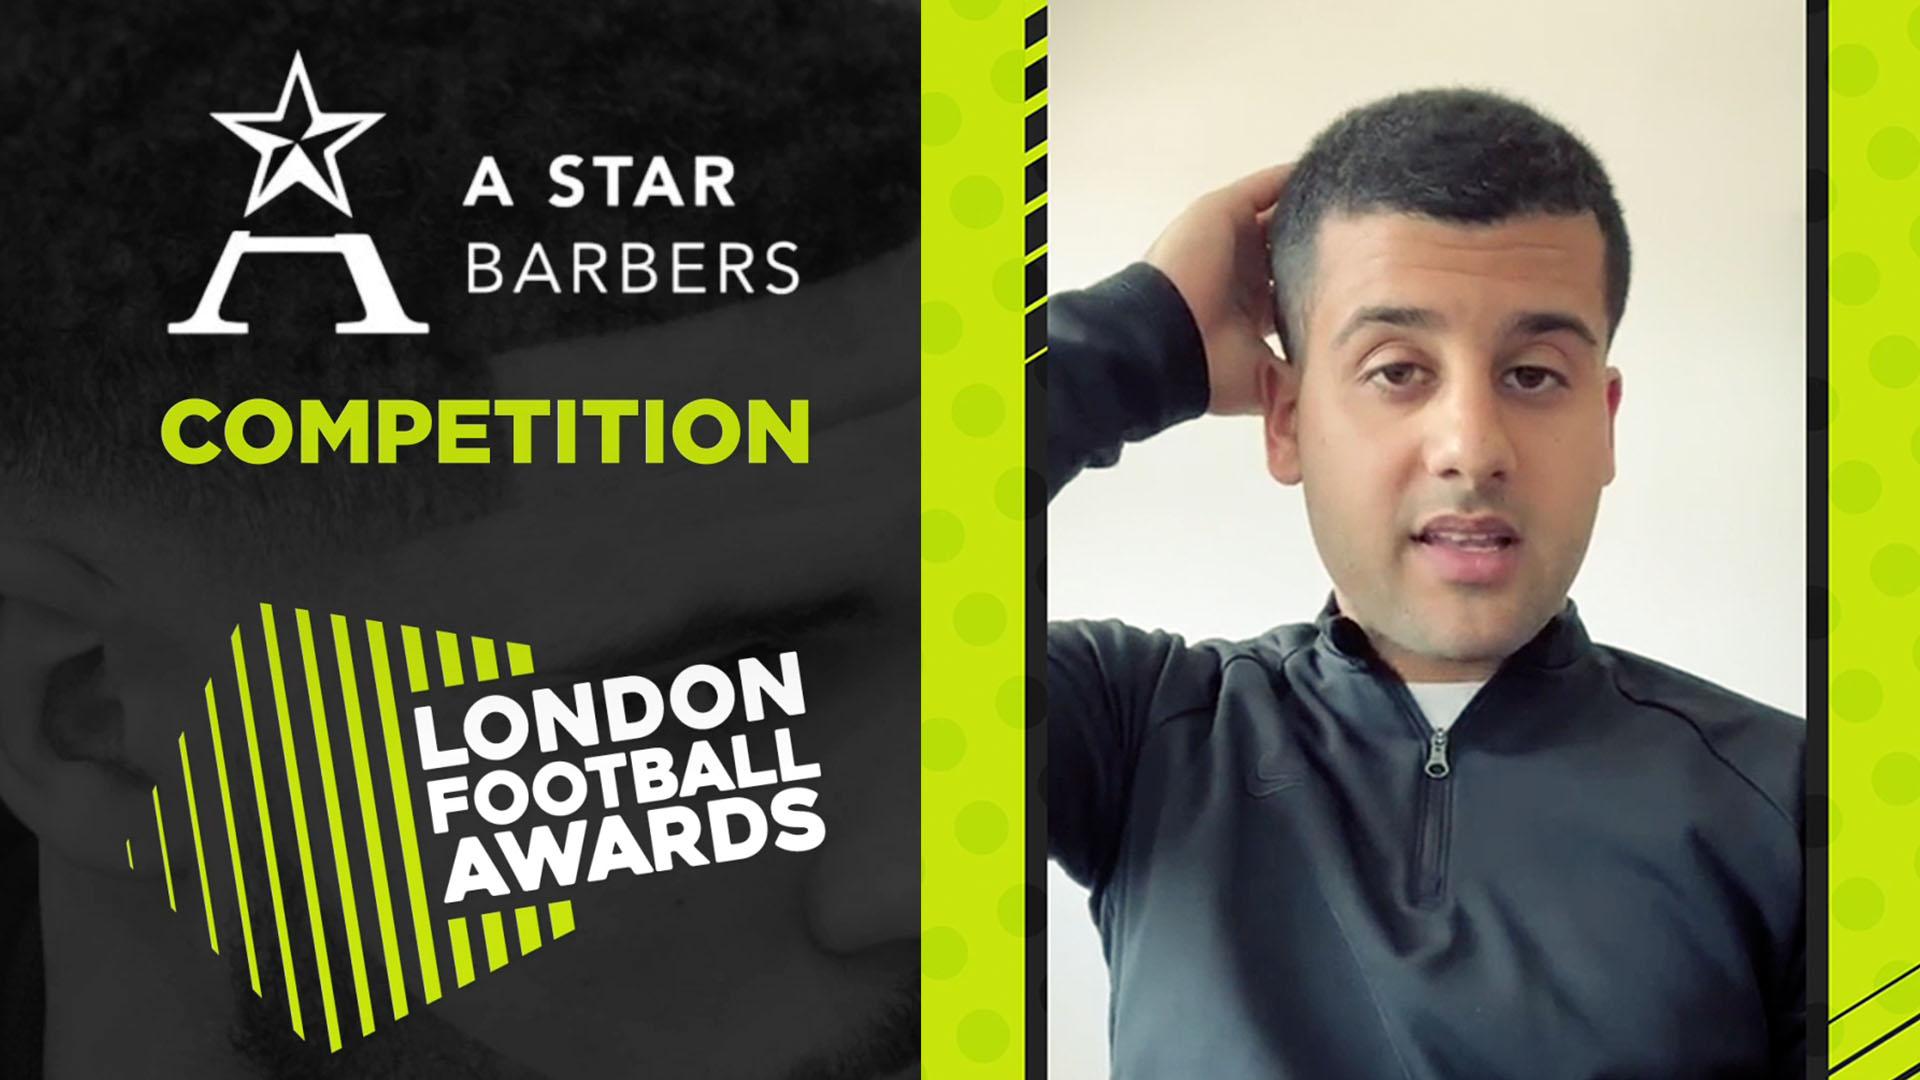 London Football Awards Ahmed Alsanawi,